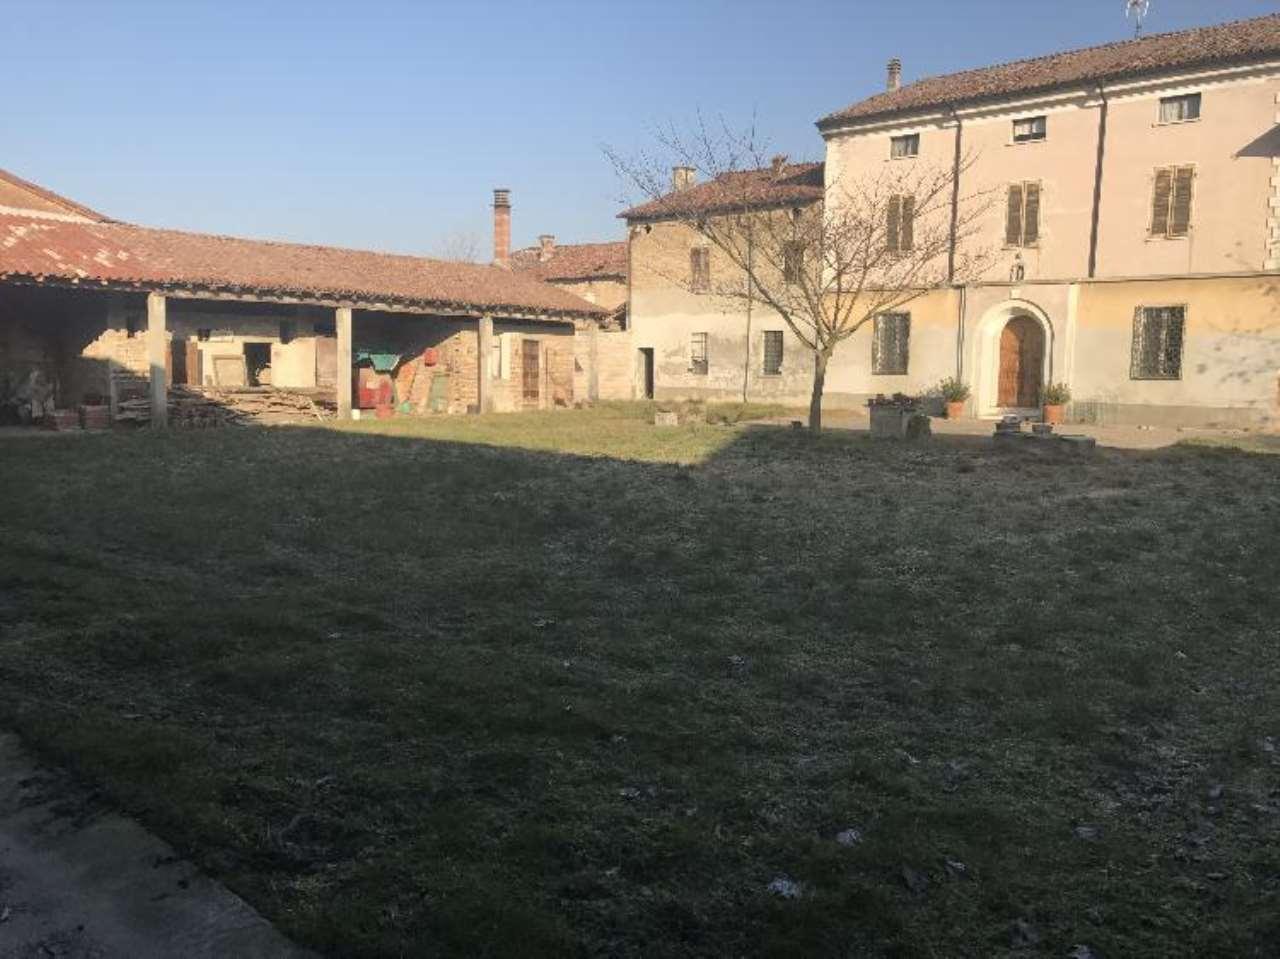 Rustico / Casale in vendita a Gussola, 5 locali, prezzo € 150.000 | Cambio Casa.it